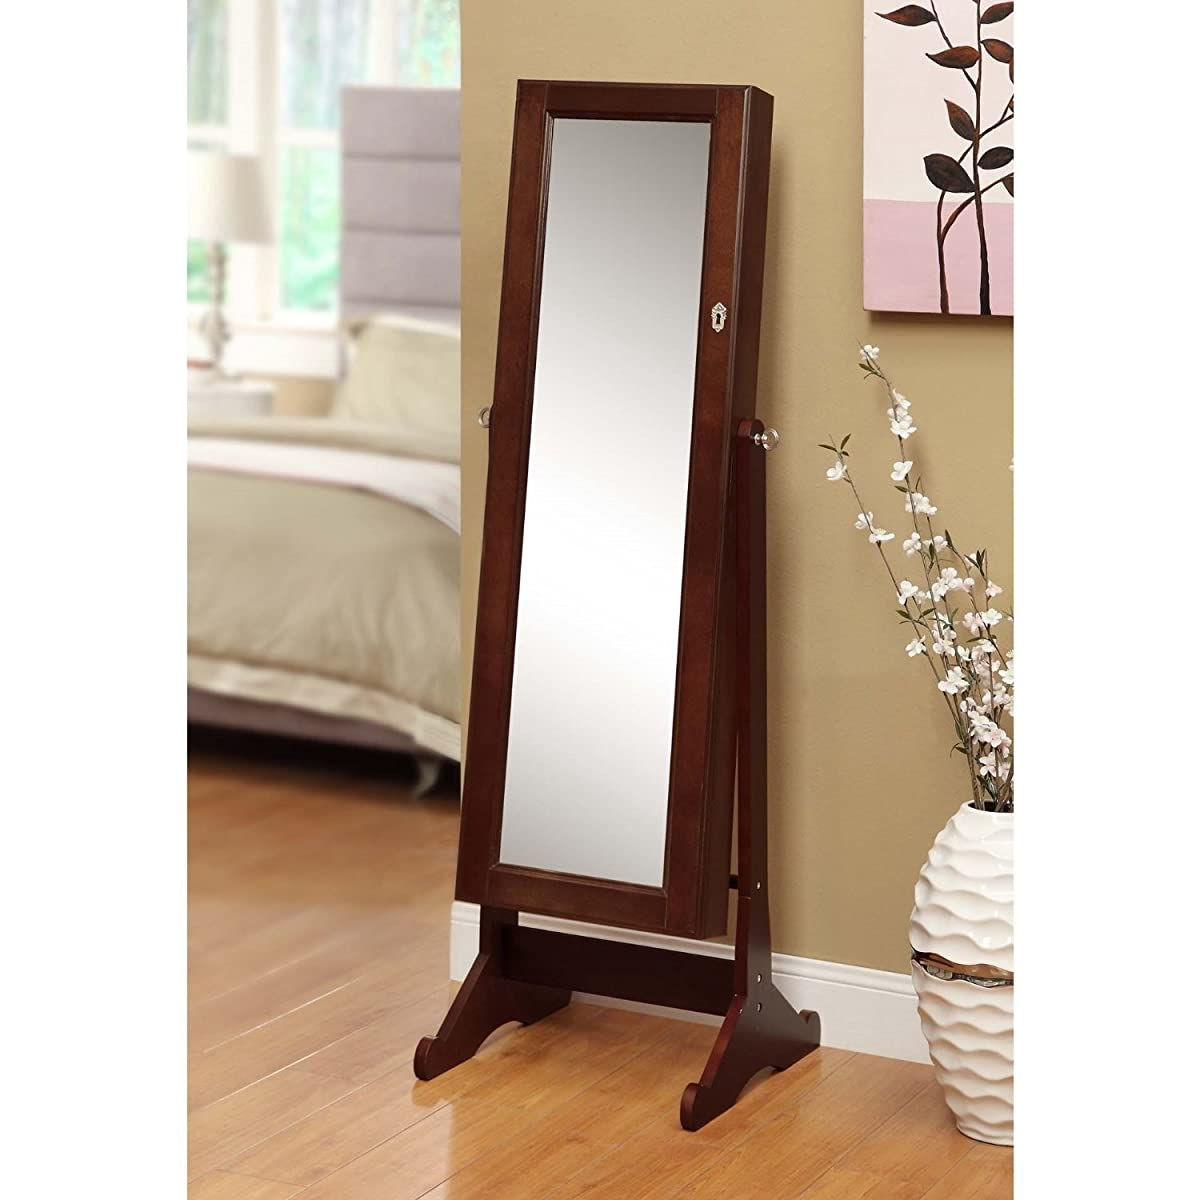 Btexpert® Stylish Wooden Jewelry Armoire Cabinet Stand Organizer Storage Box Case Cheval Mirror - Cherry